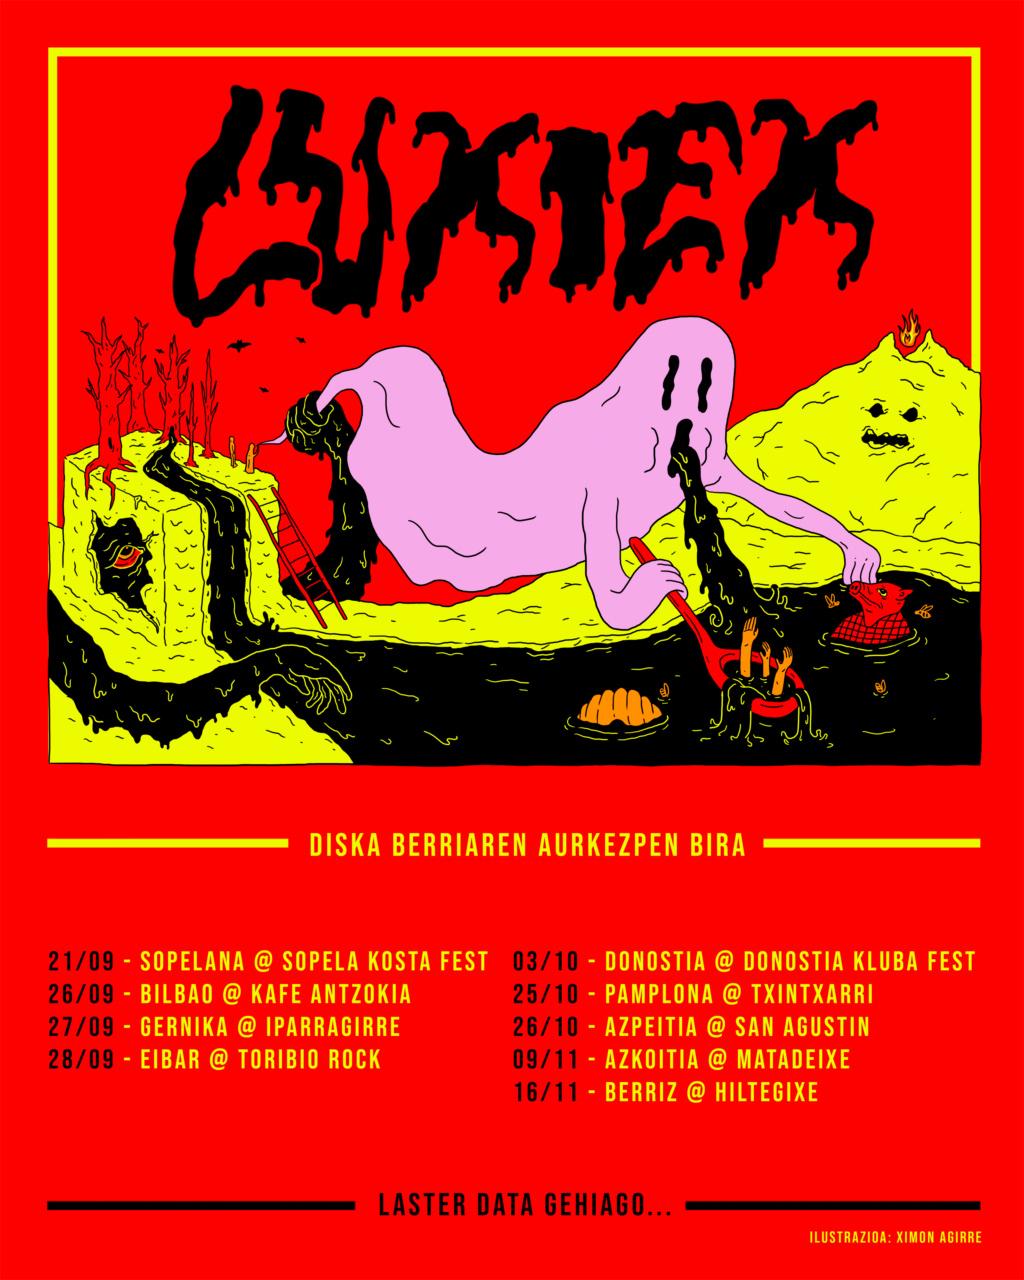 Agenda de giras, conciertos y festivales - Página 11 Cartel11